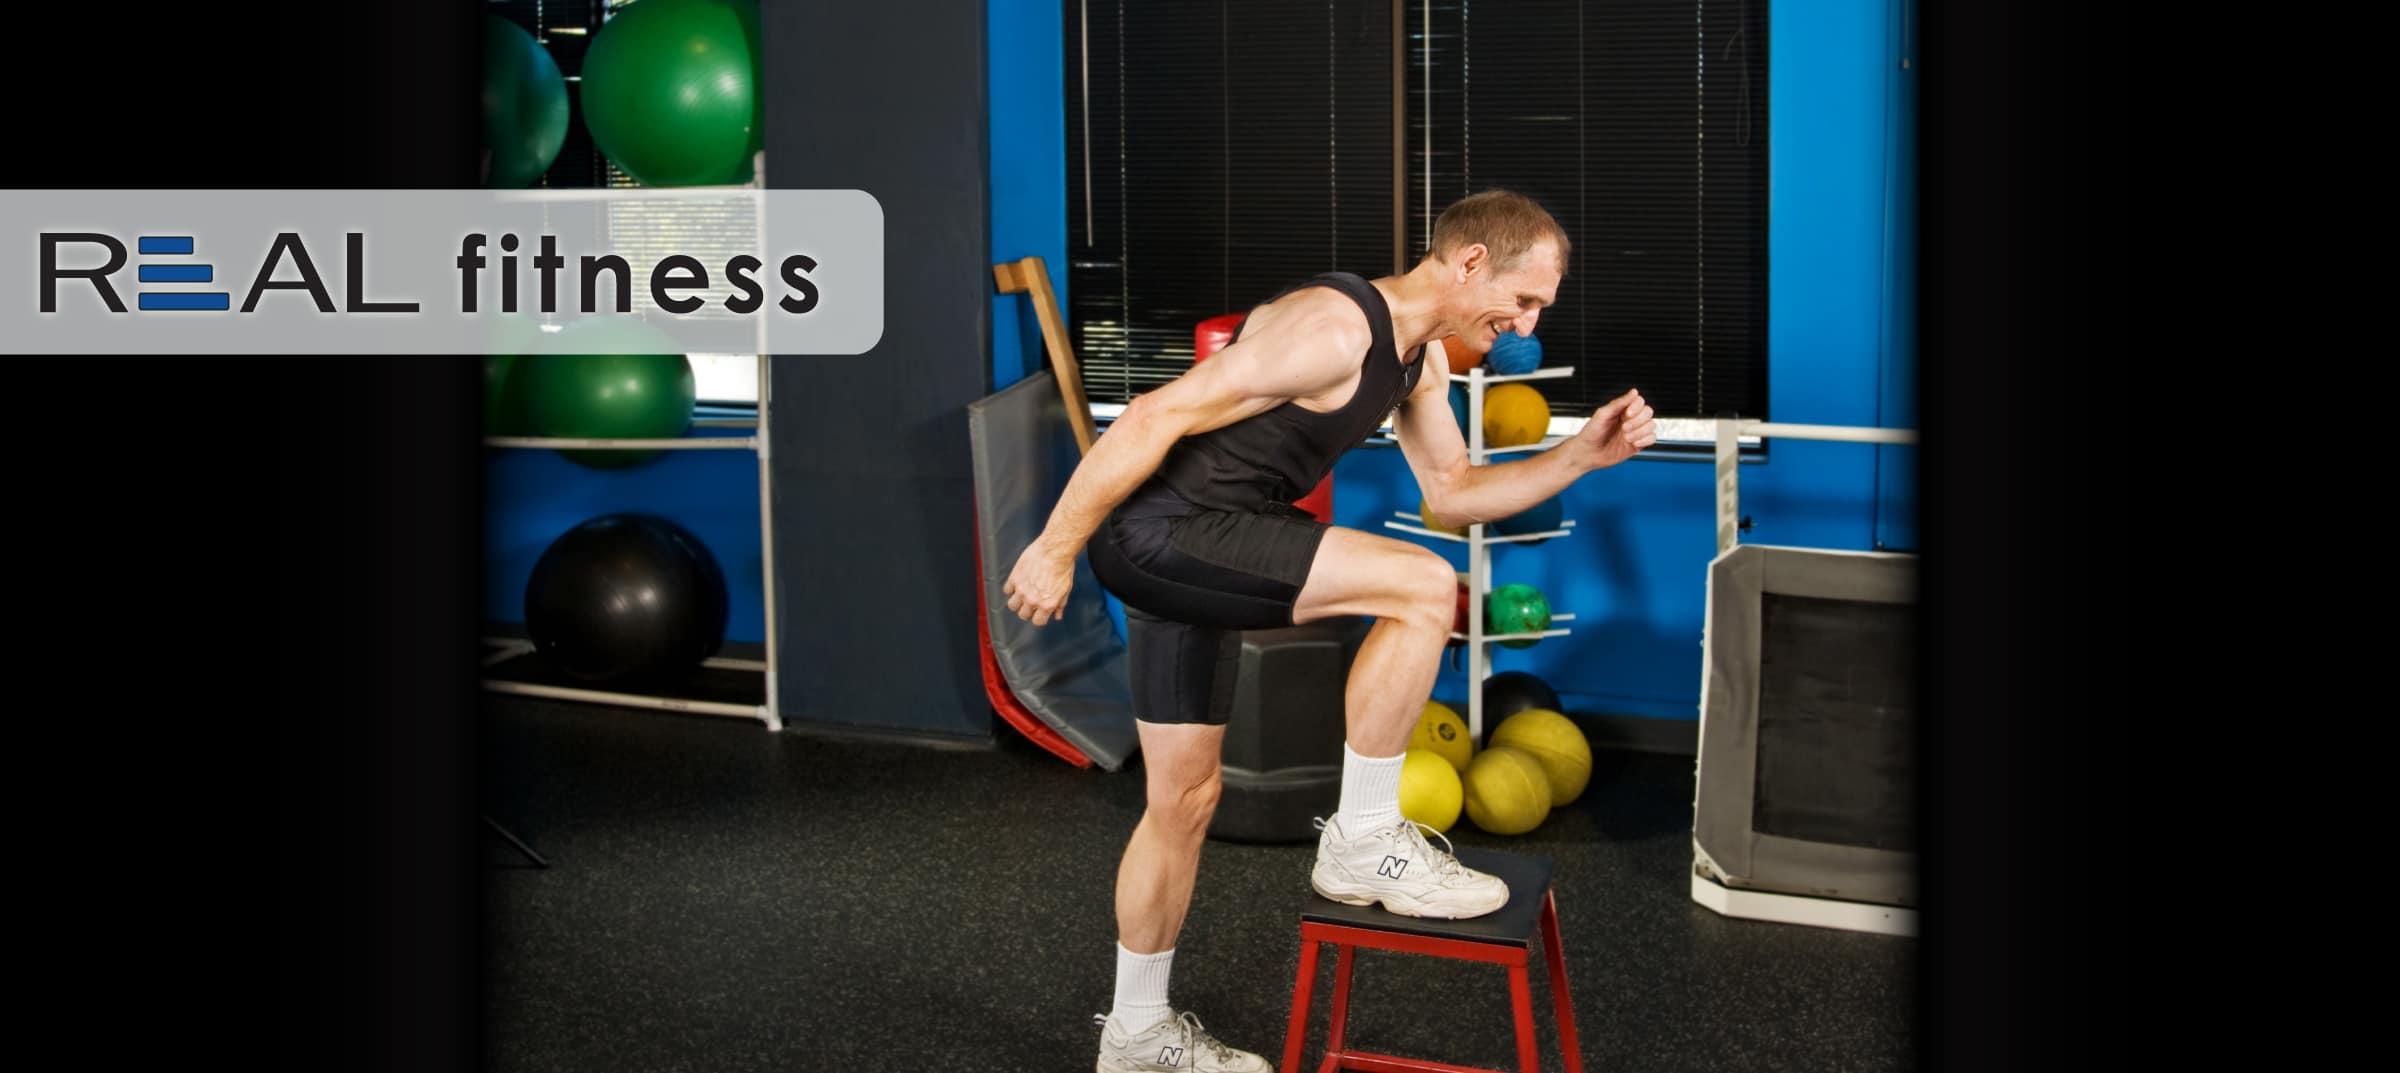 STEPS Fitness - Nashville's Premier Personal Fitness Training Center